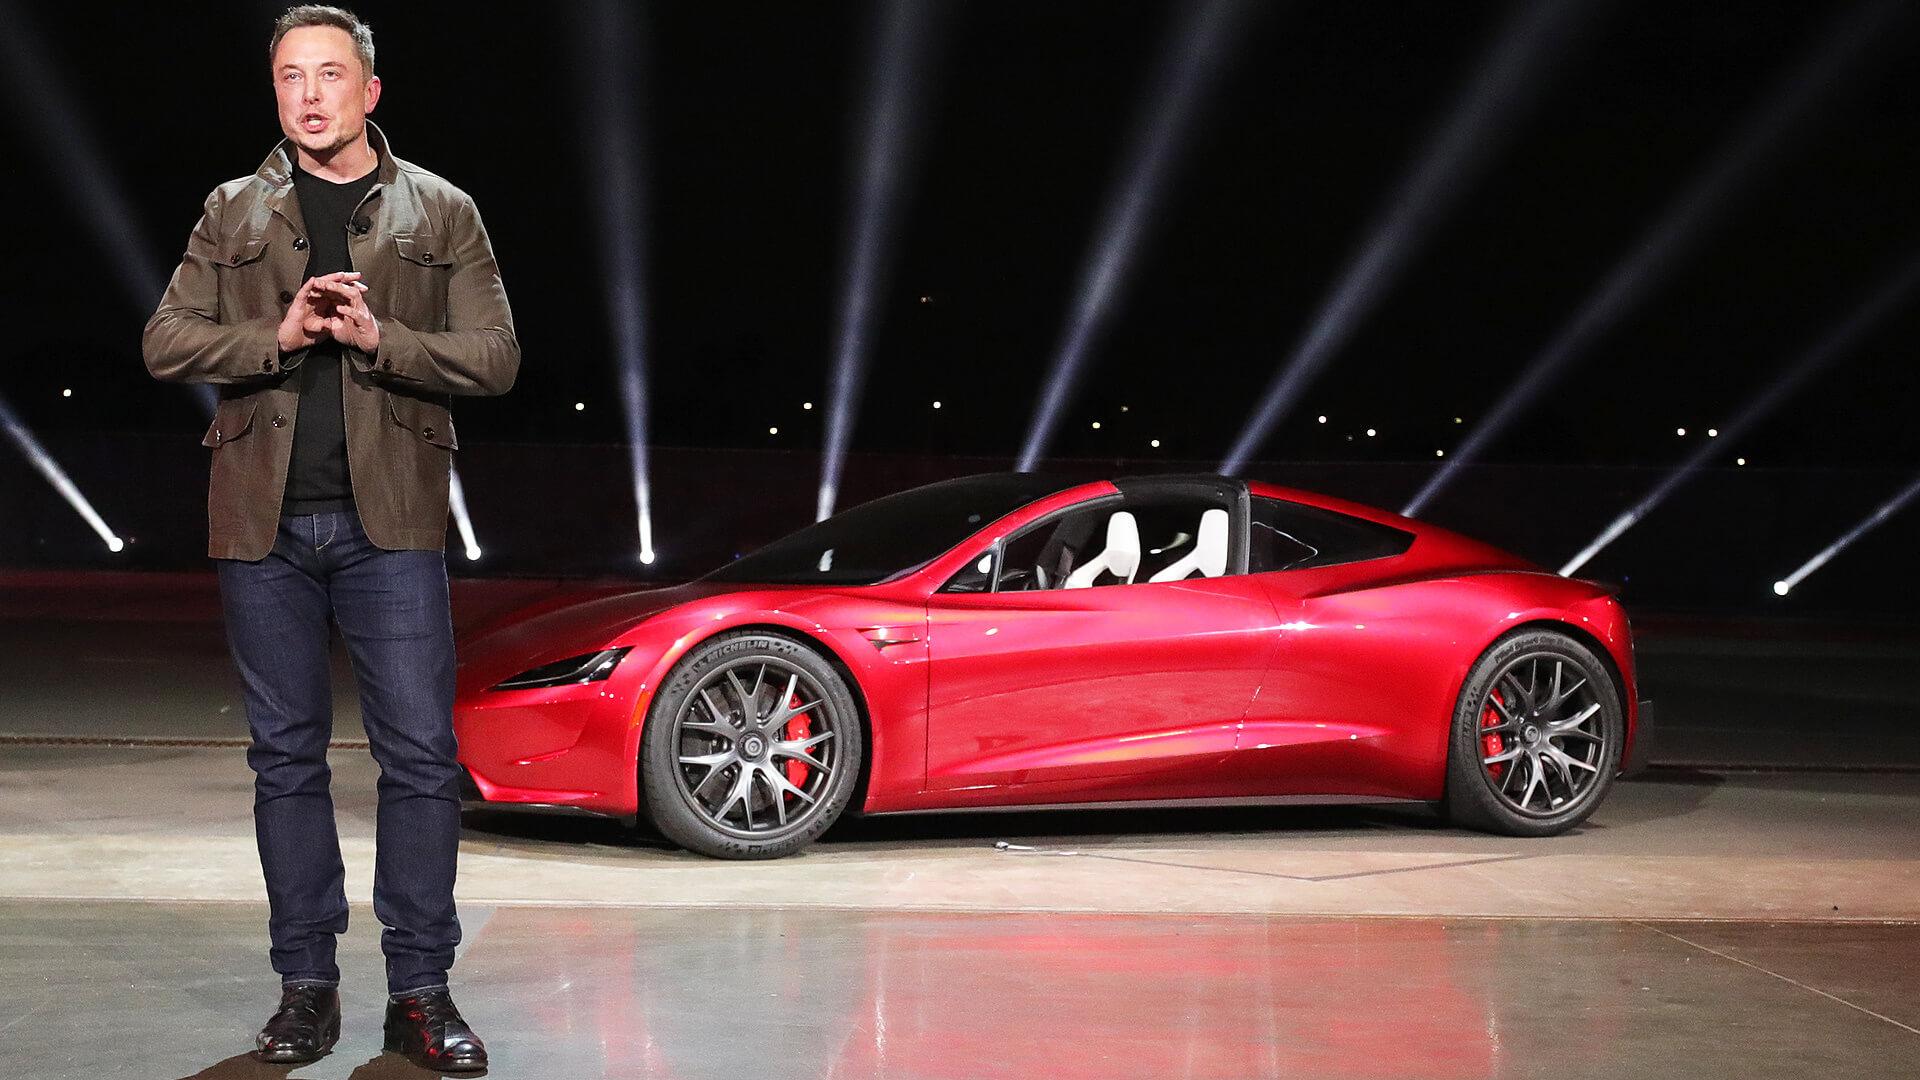 Элон Маск признает, что ему не хватает пунктуальности, но Тесла все еще доставил